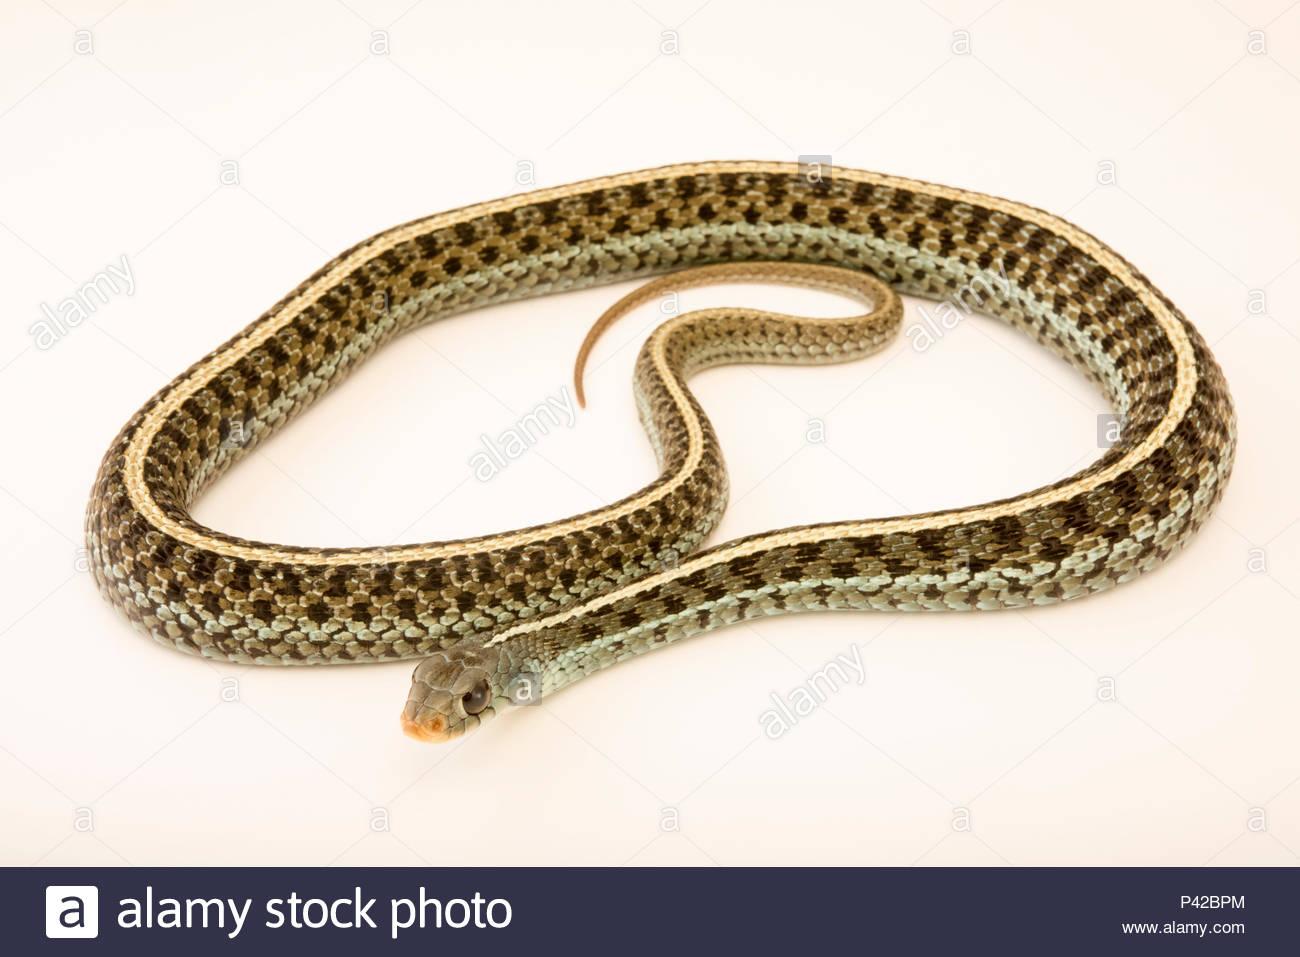 White Snake Stock Photos & White Snake Stock Images - Alamy